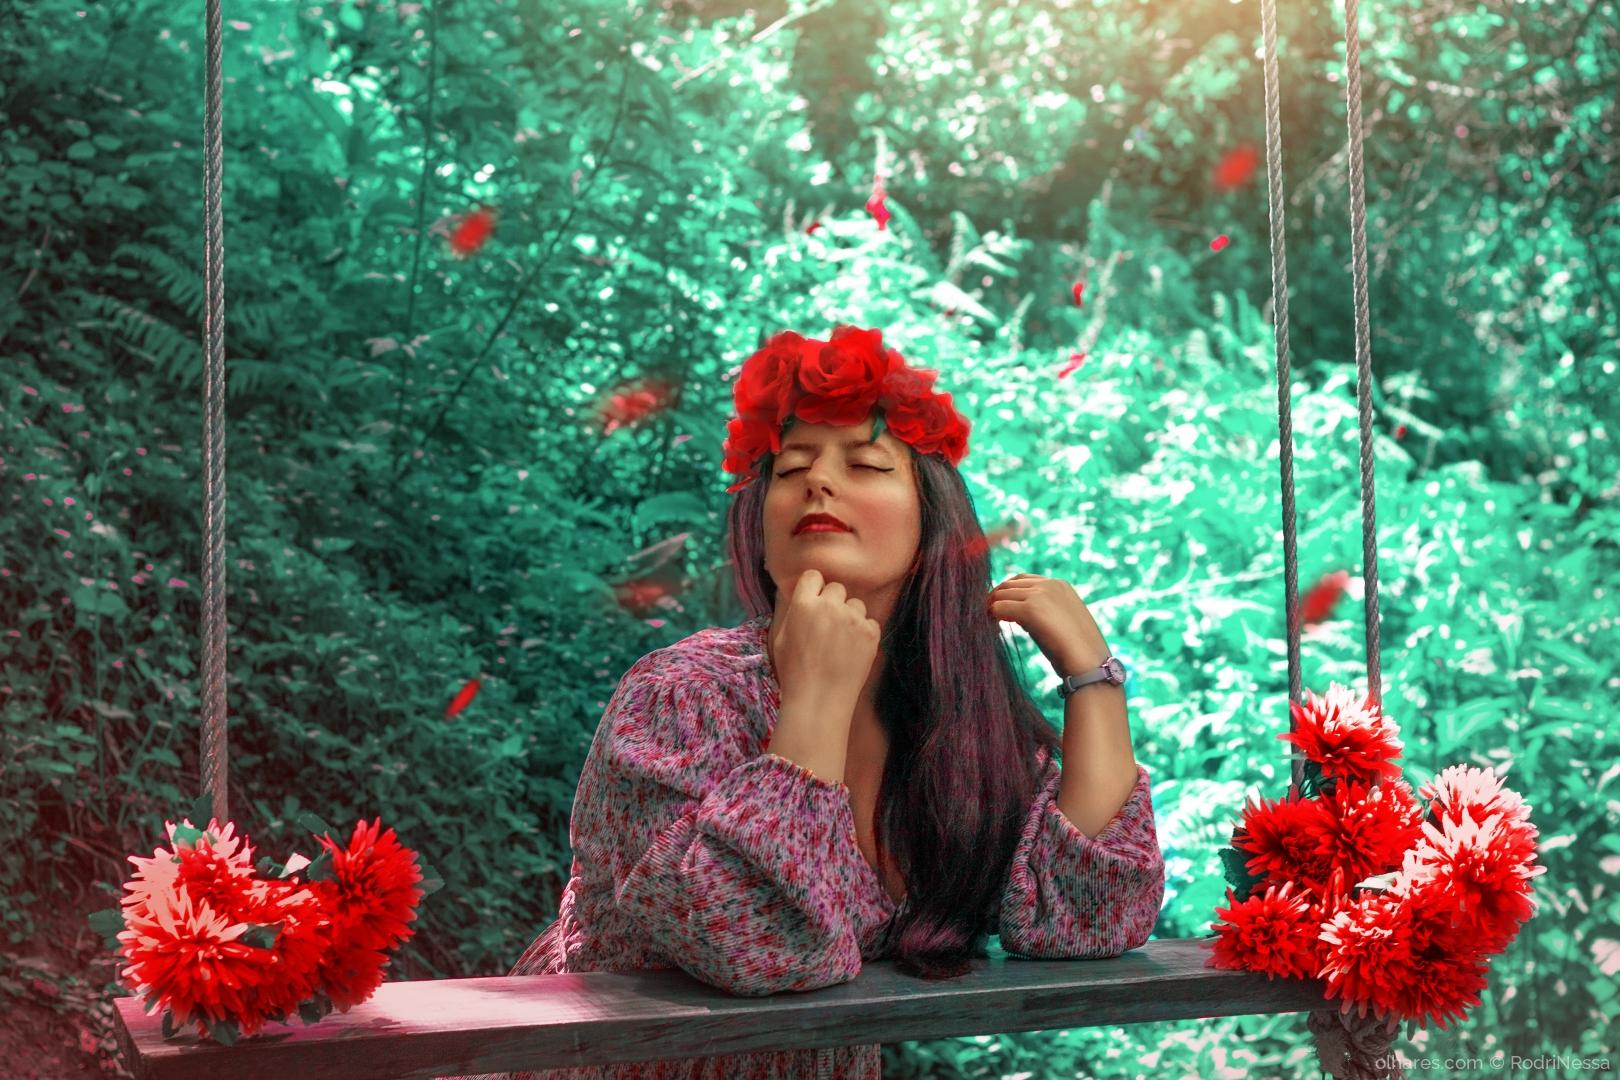 Retratos/Like a fairy